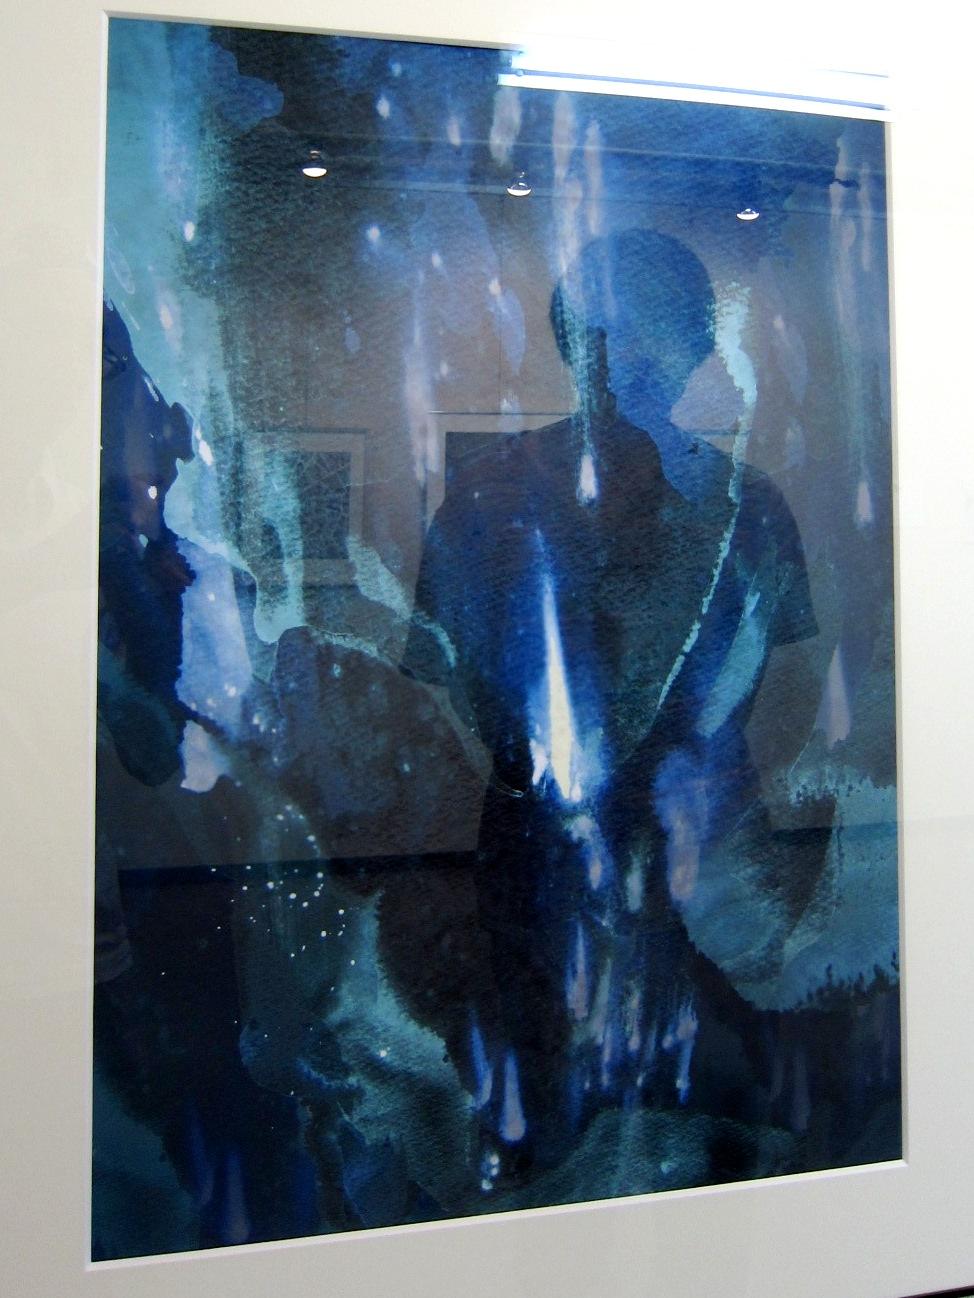 2171)「デジタル絵画研究室展 (北海道教育大学デジタル絵画研究生展)」  時計台 8月26日(月)~8月31日(土) _f0126829_11324449.jpg